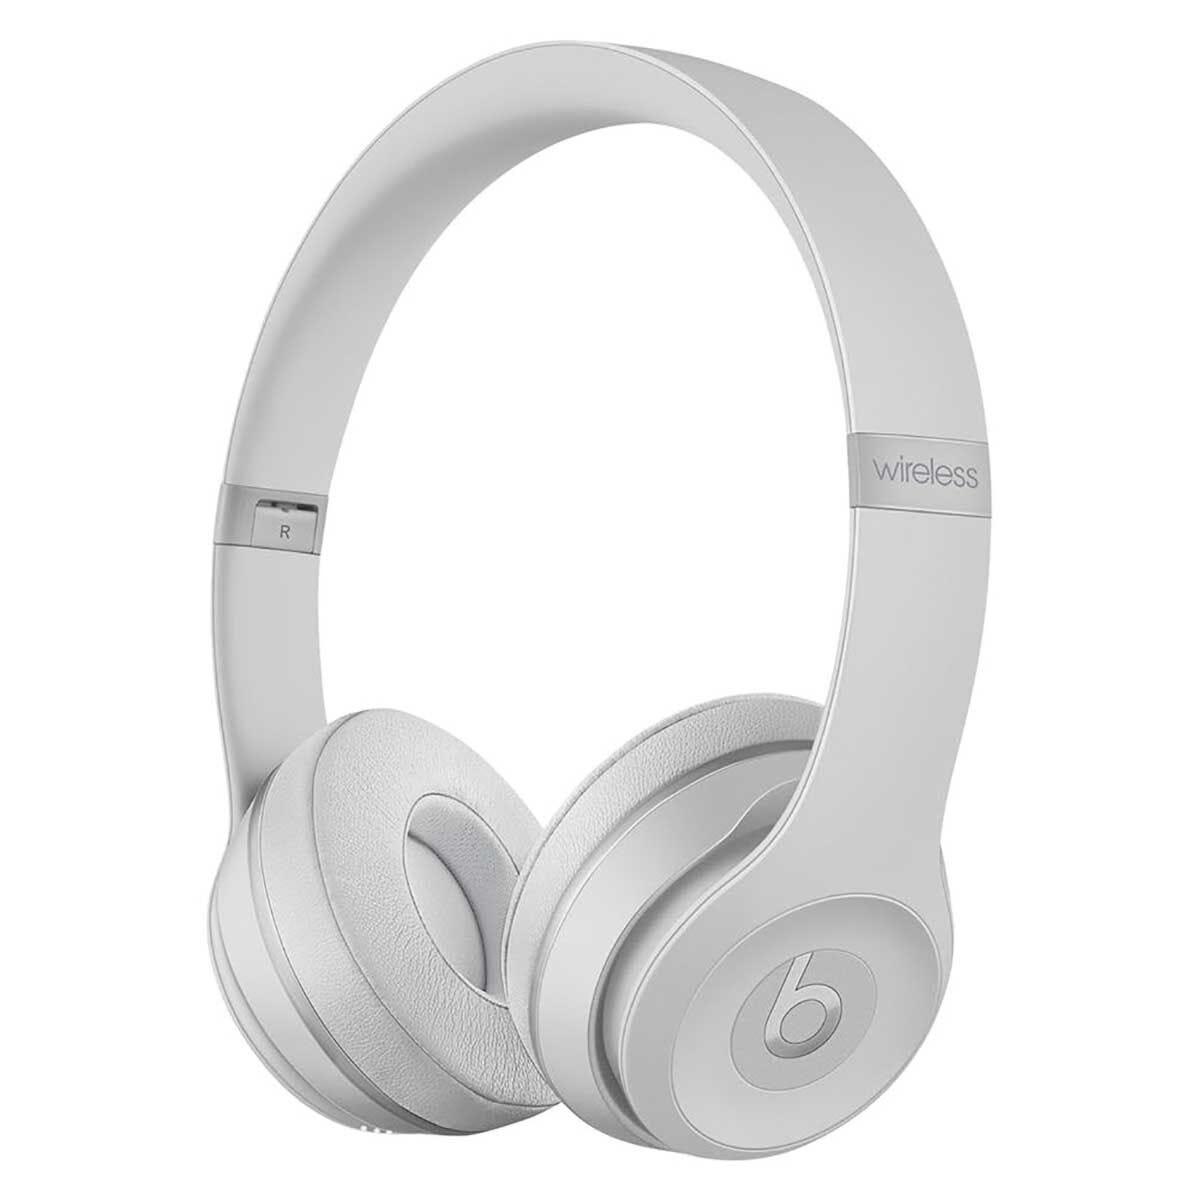 Apple Beats Solo 3 On-Ear Wireless Headphones